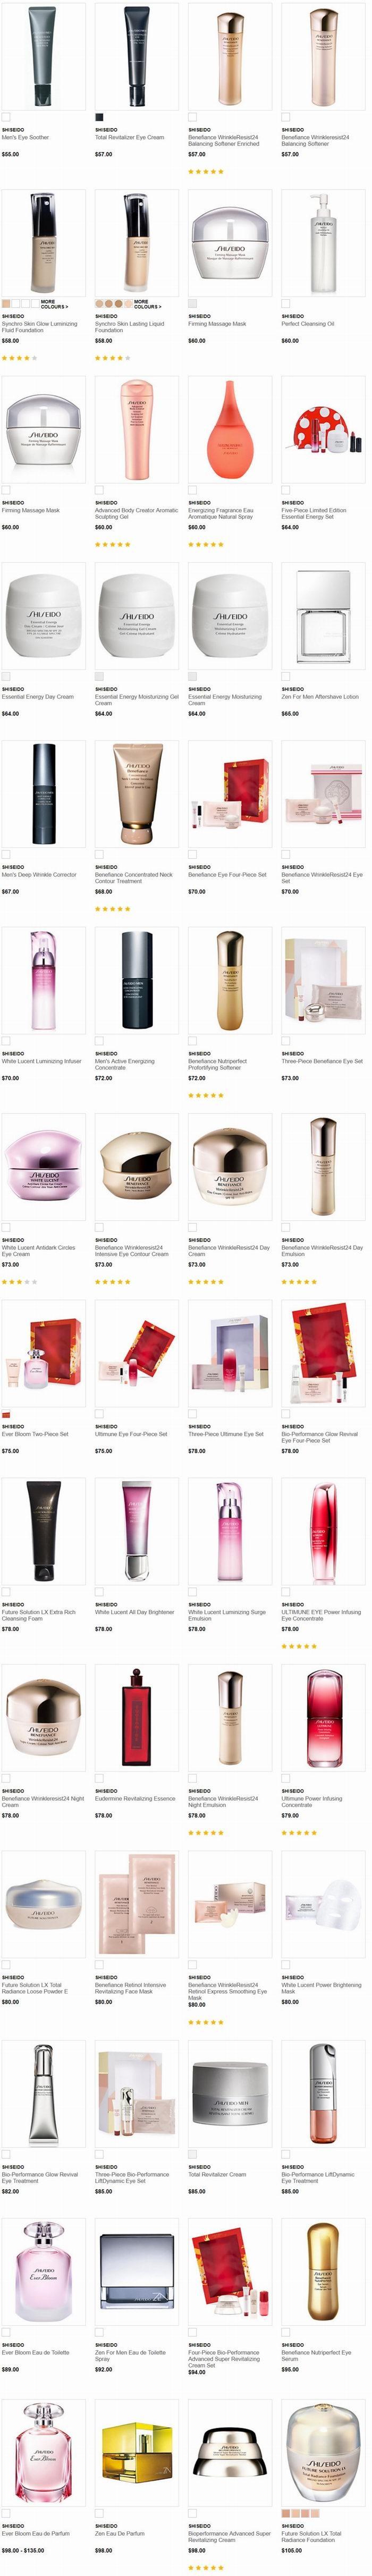 Shiseido 资生堂 美妆护肤产品 全场变相8折 或 额外9折,满送141加元红腰子大礼包!入超值套装!